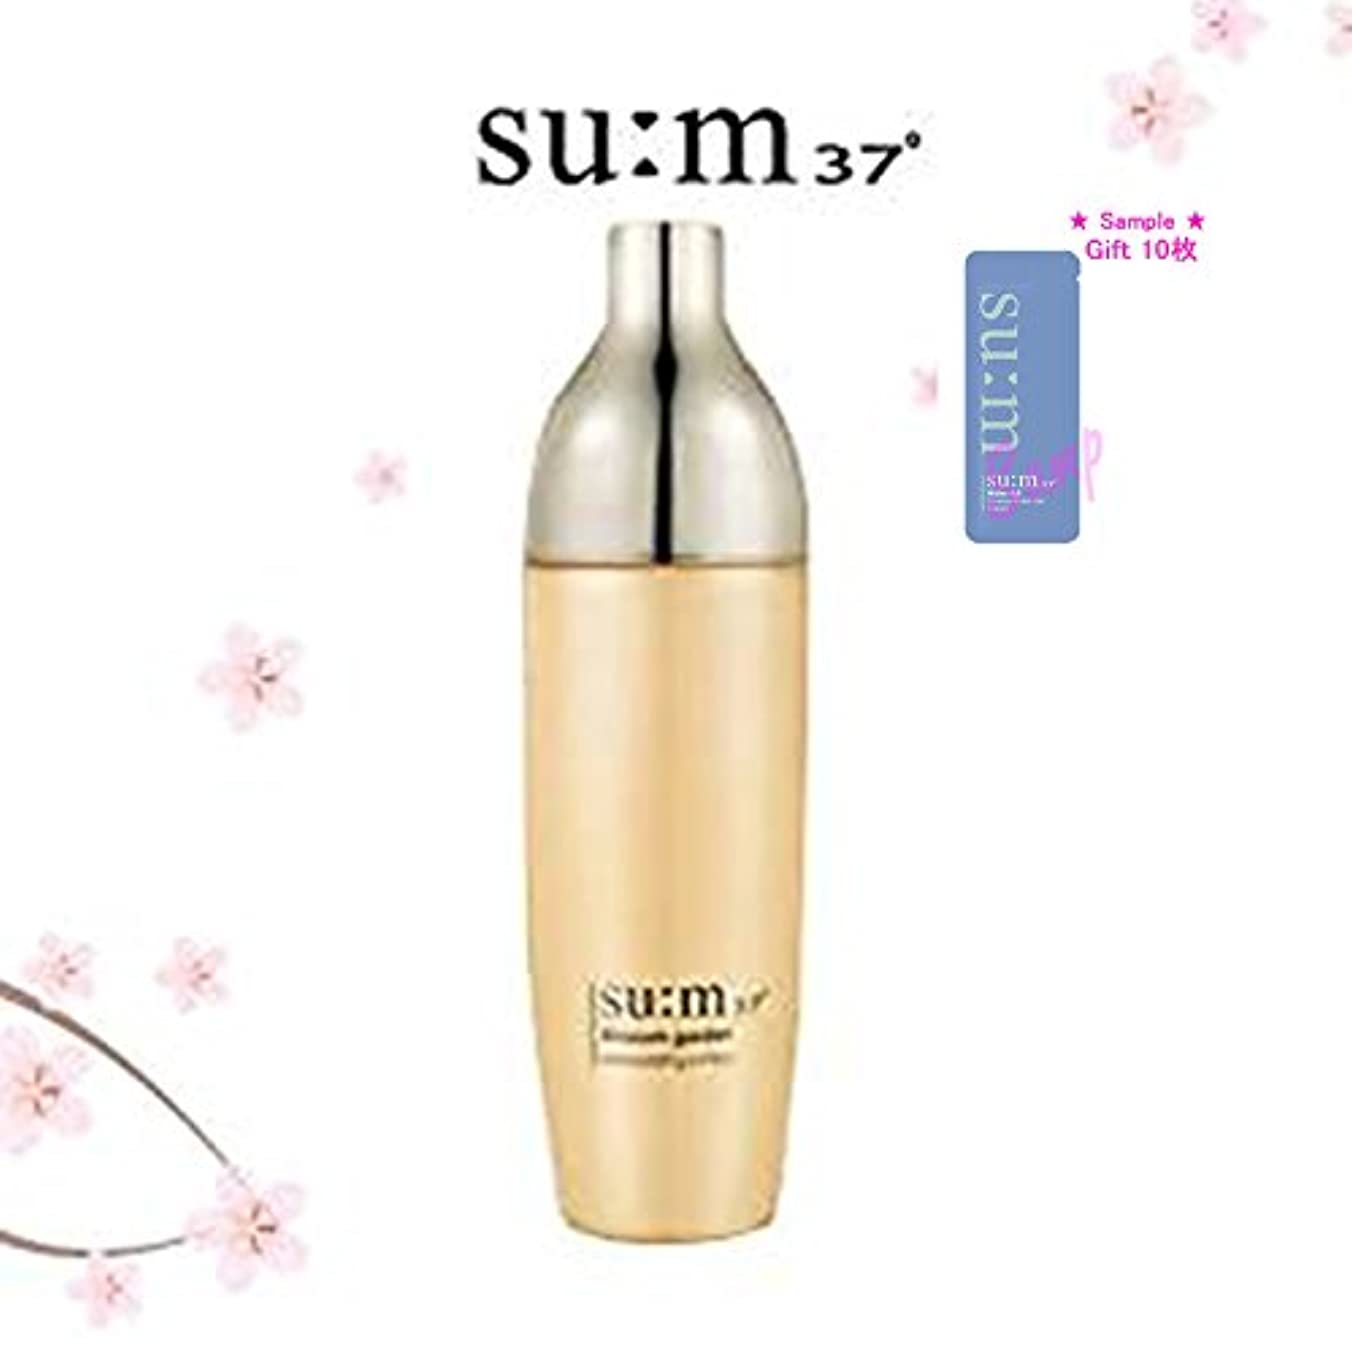 ポイント敵対的不良品sum37(スム37)ブロッサムガーデンモイスチャライジングスキン150ml(blossom garden moisturizing skin)